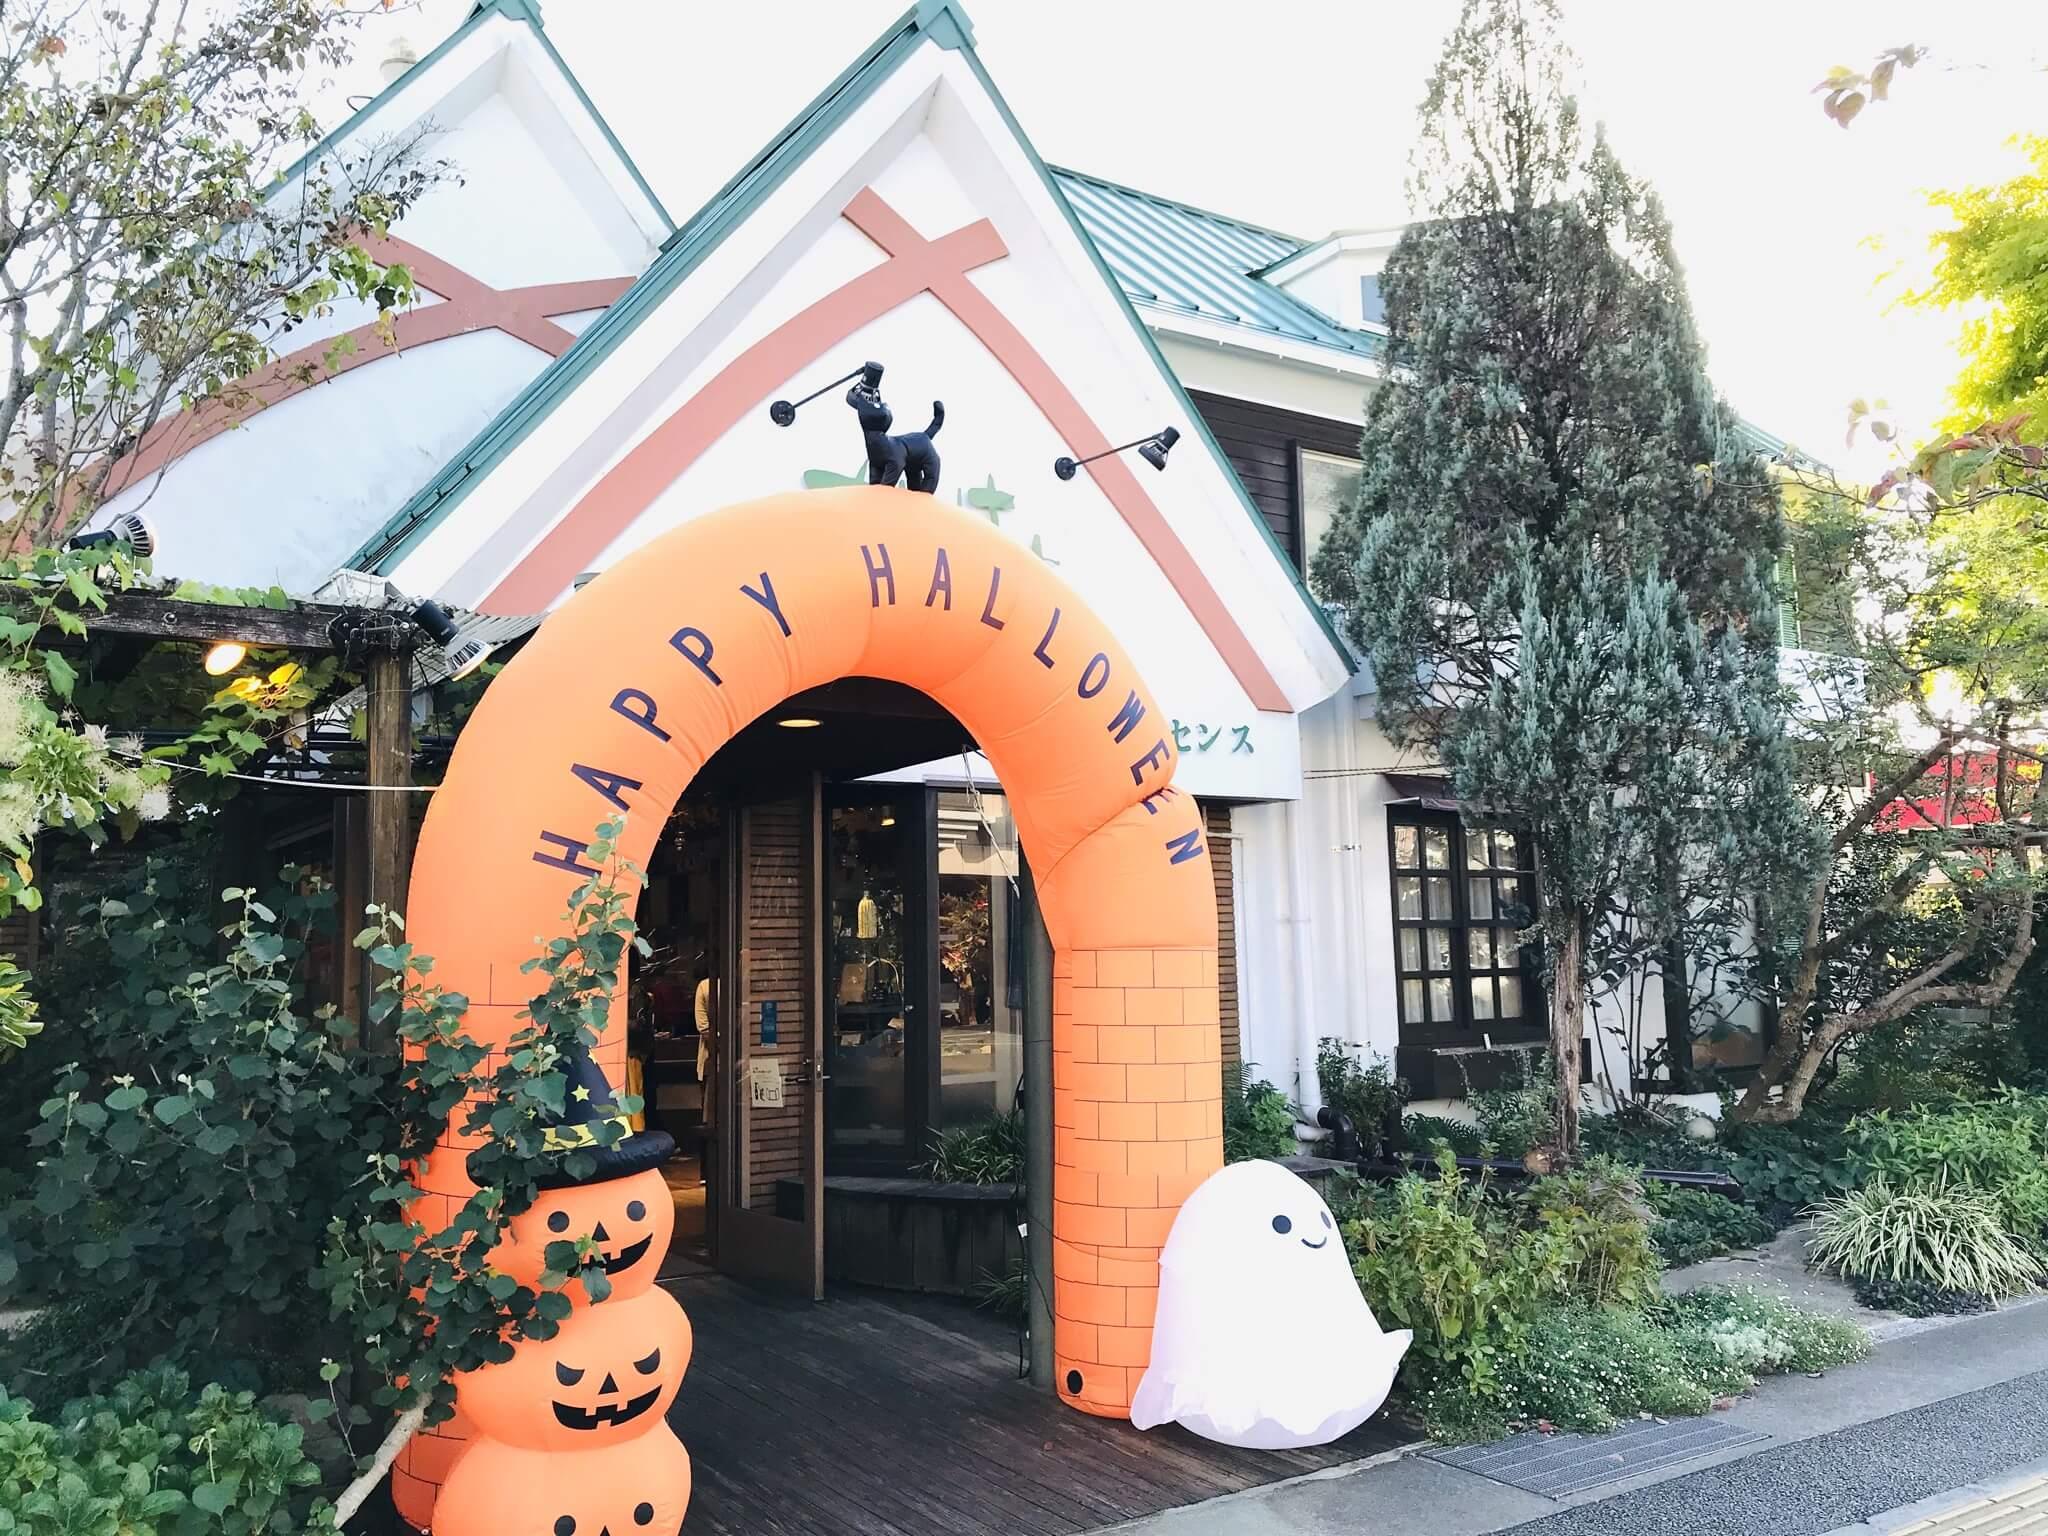 【アントルメ菓樹】ケーキといえばここ!熊本の超有名ケーキ店!《熊本市東区東野》